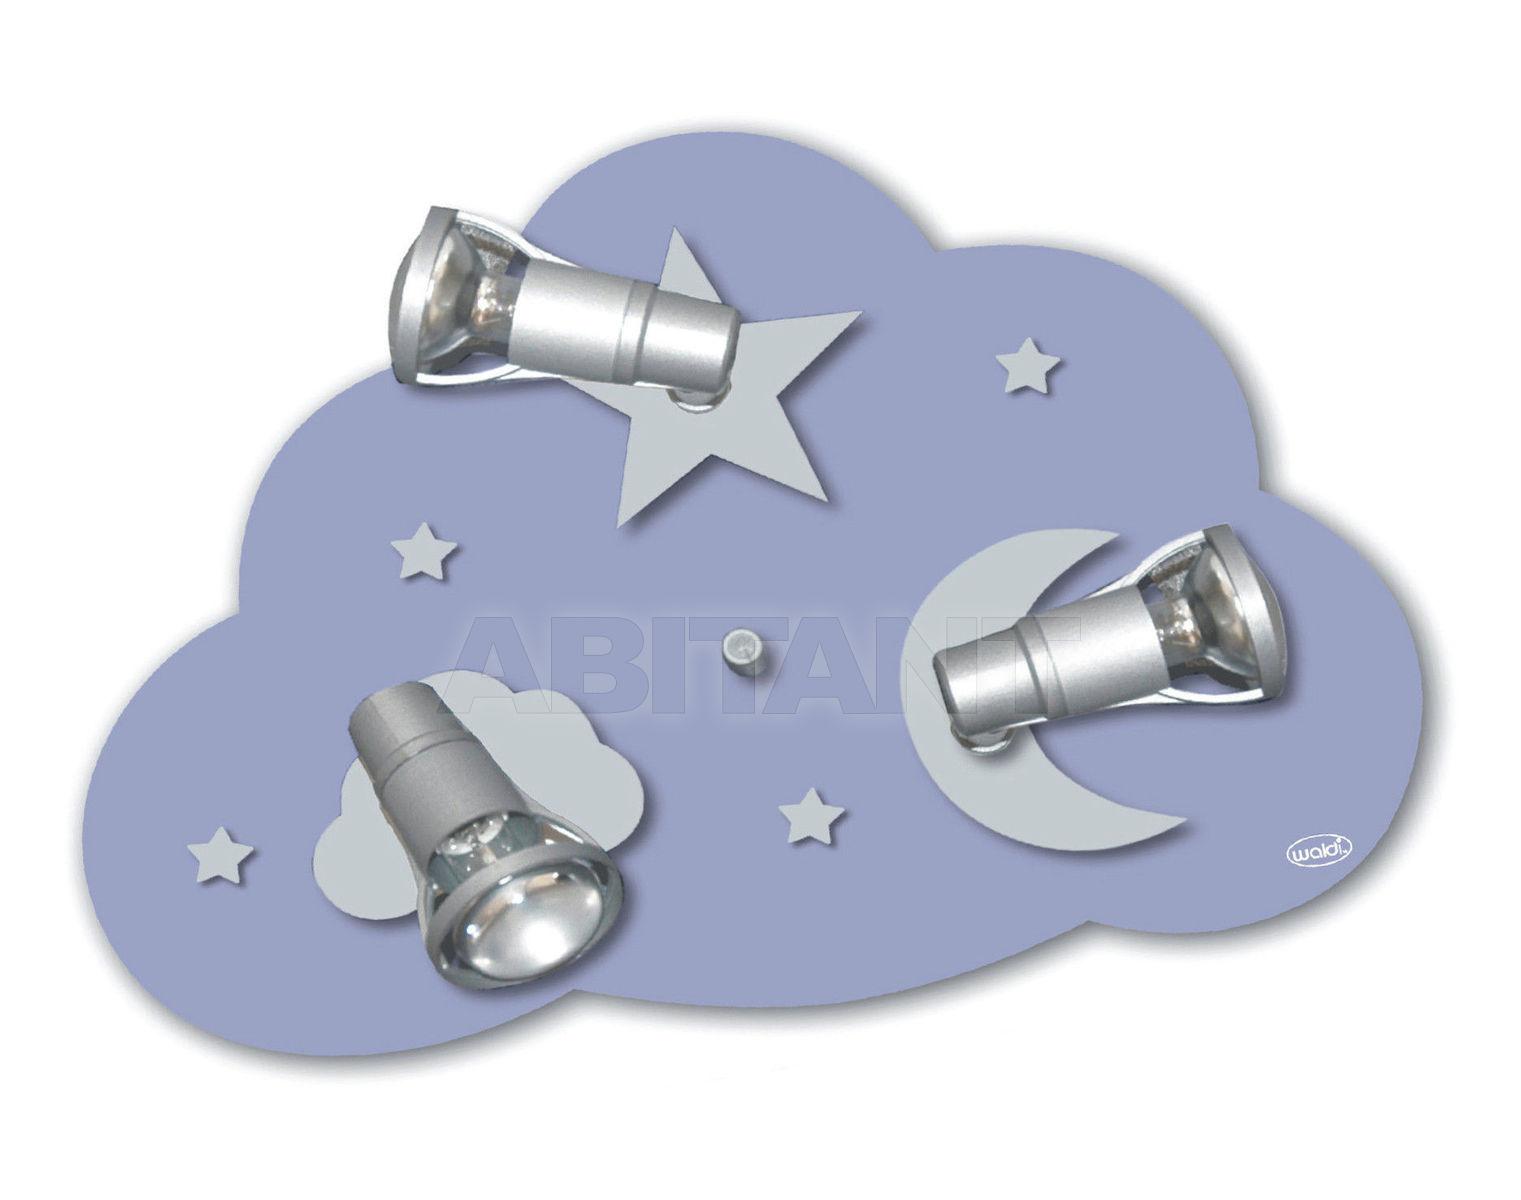 Купить Светильник для детской  Waldi Leuchten Lampen Fur Kinder 2012 65902.0